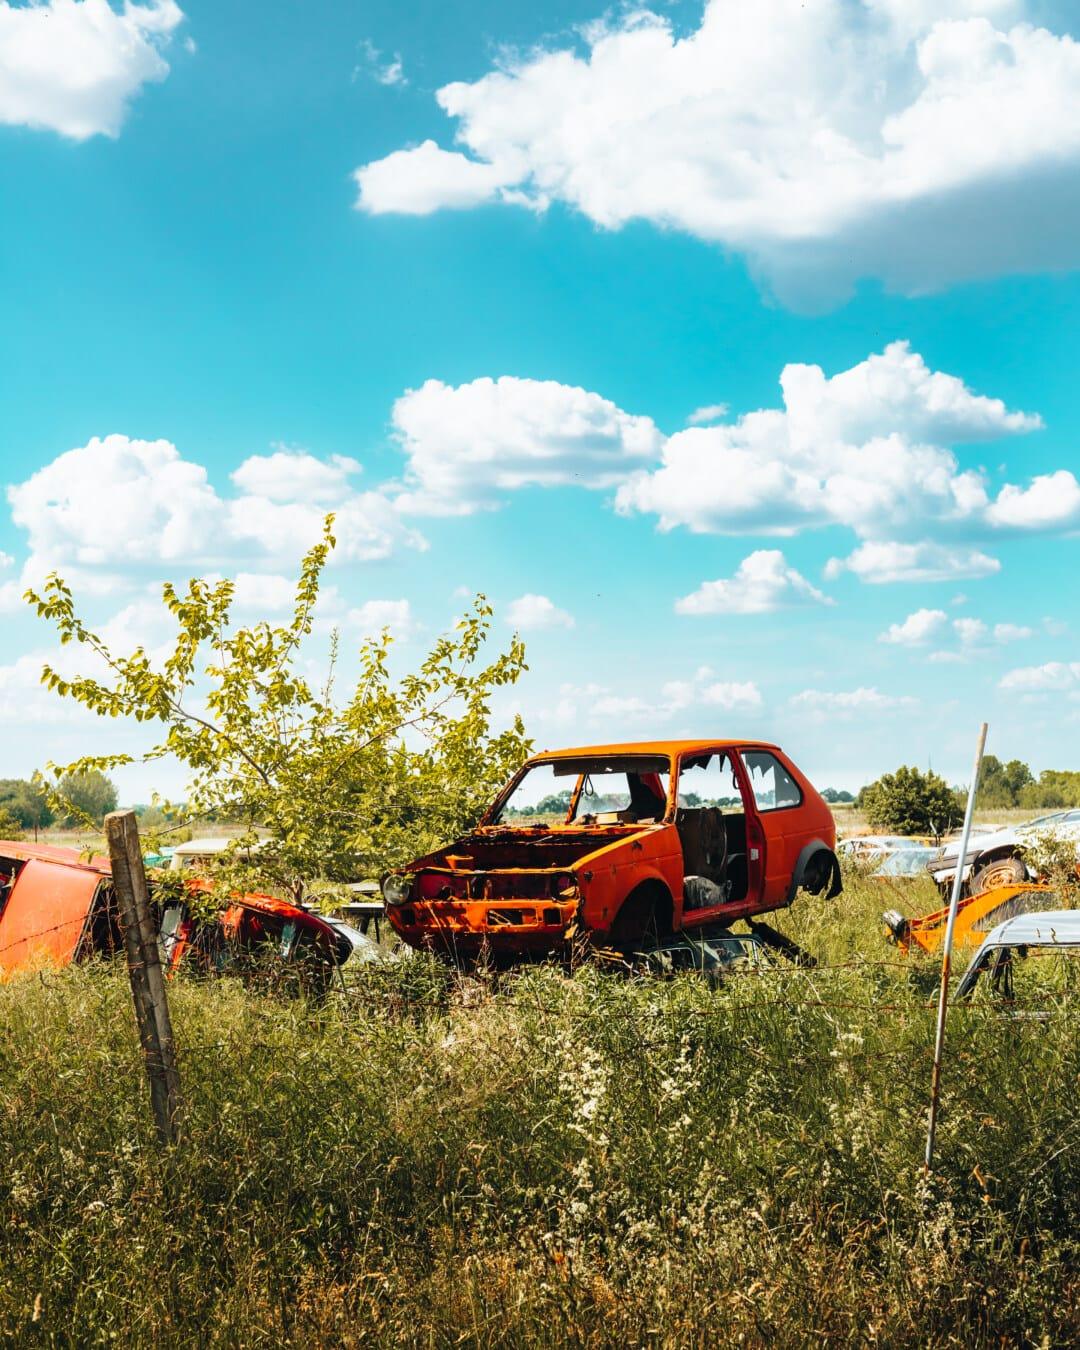 Autos, verlassen, alt, Müll, Junk-e-, Abfälle, Schrottplatz, Gras, Auto, Fahrzeug